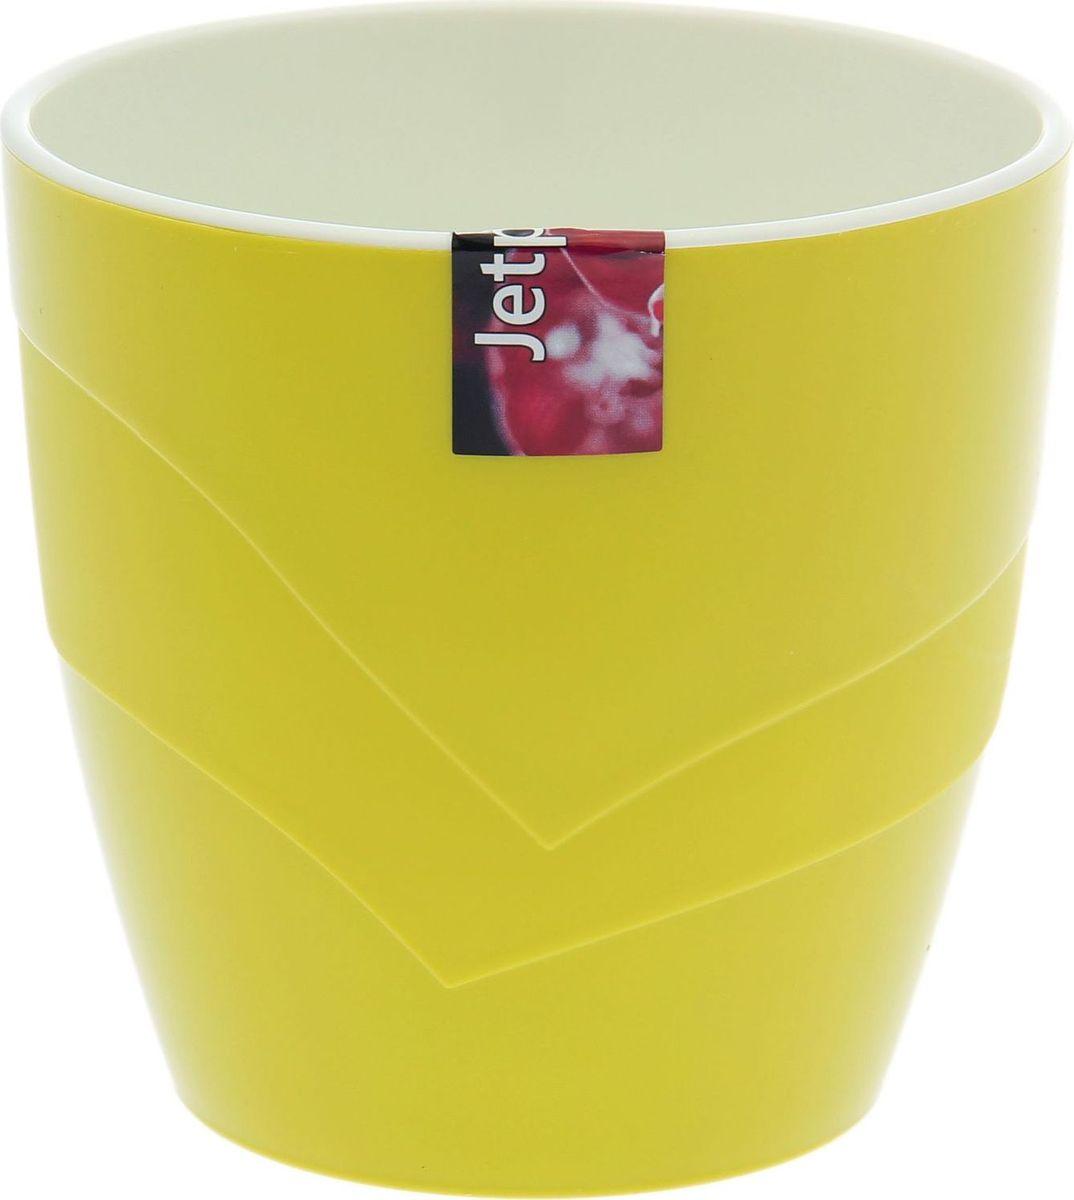 Кашпо JetPlast Грация, цвет: желтый, 1,2 л1814731Декоративное кашпо, выполненное из высококачественного пластика, предназначено для посадки декоративных растений и станет прекраснымукрашением для дома. Оригинальное кашпо украсит окружающее пространство и подчеркнет его оригинальный стиль.